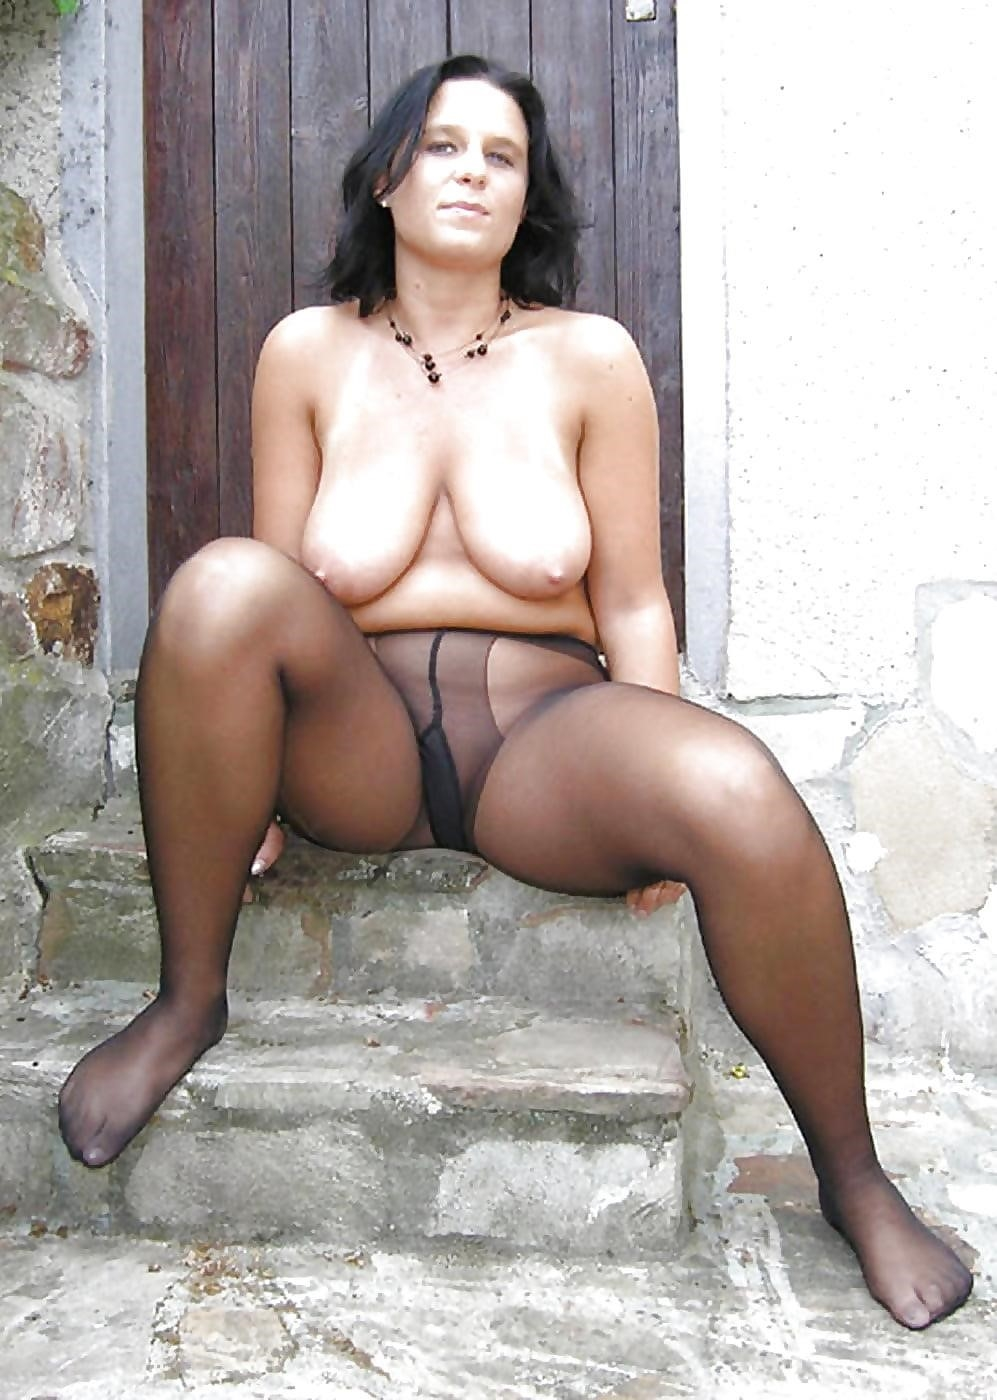 Best nude women photos-3609